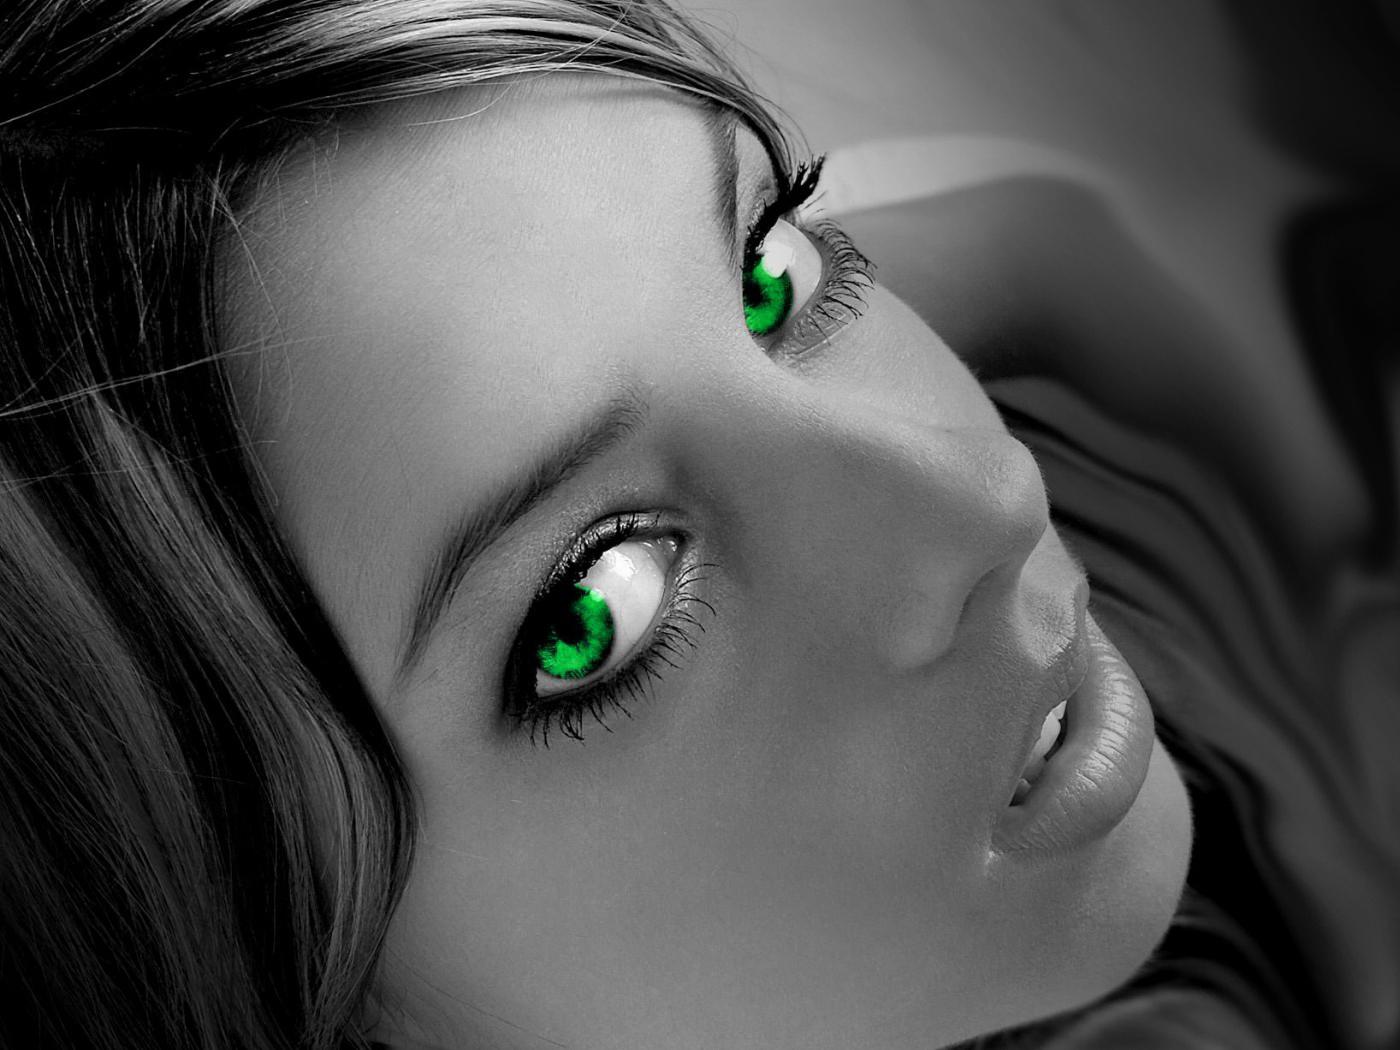 http://1.bp.blogspot.com/_tBmBPtiKwYA/TRLAgxVG3cI/AAAAAAAAABU/-3P2zSPvULU/s1600/girl2.jpg